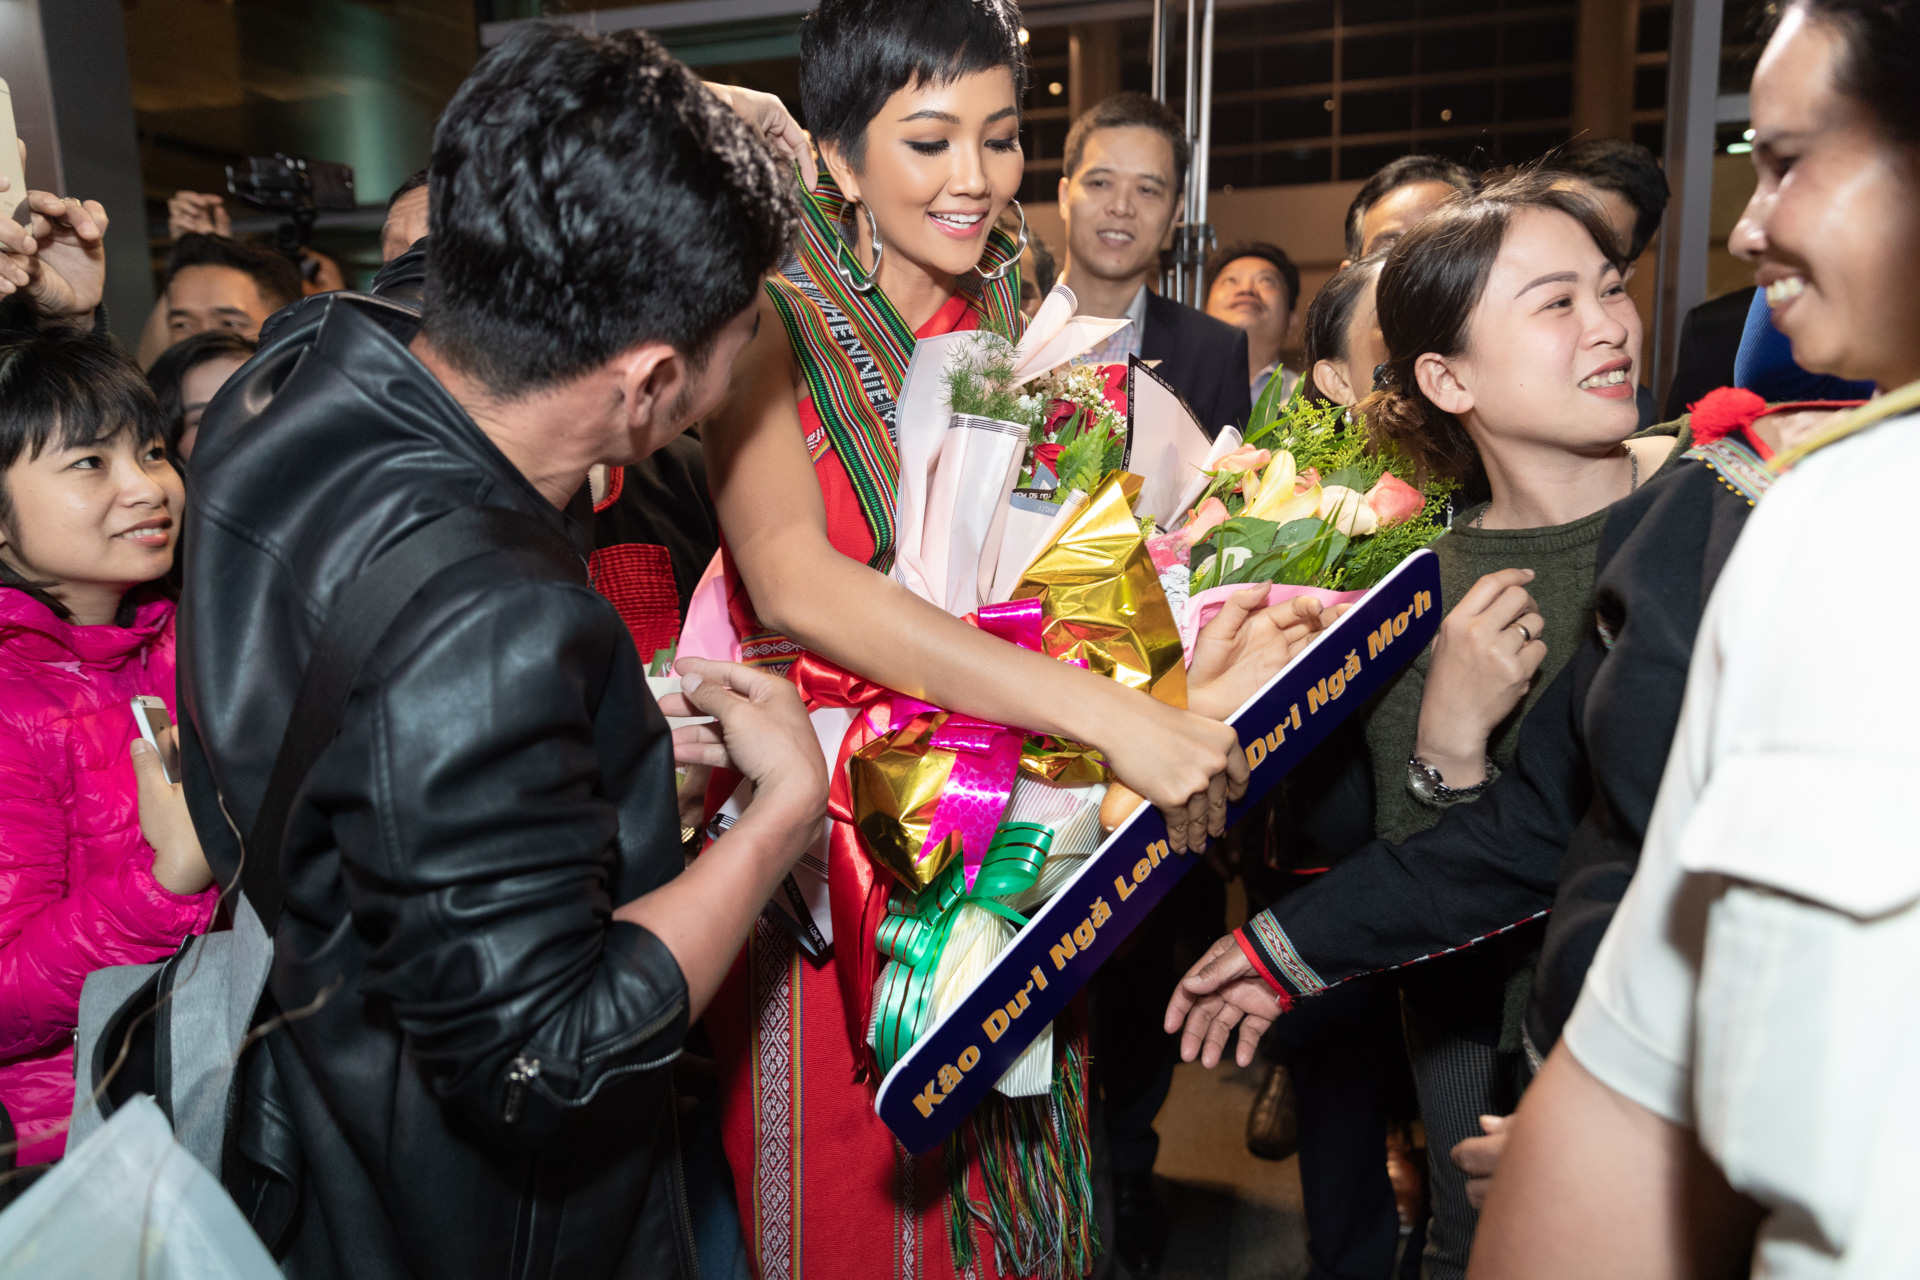 """Với thành tích Top 5 Miss Universe 2018, hoa hậu H'Hen Niê nhận được nhiều sự quan tâm từ truyền thông trong và ngoài nước, liên tục được báo chí, khán giả quốc tế khen ngợi và ưu ái đặt cho biệt danh 'Cinderella châu Á"""". H'Hen Niê còn vinh dự vào Top 5 Đại sứ truyền cảm hứng, Top 10 Nhân vật truyền cảm hứng cộng đồng của giải thưởng Wechoice 2018 với những đóng góp tích cực cho cộng đồng, xã hội trong thời gian qua."""